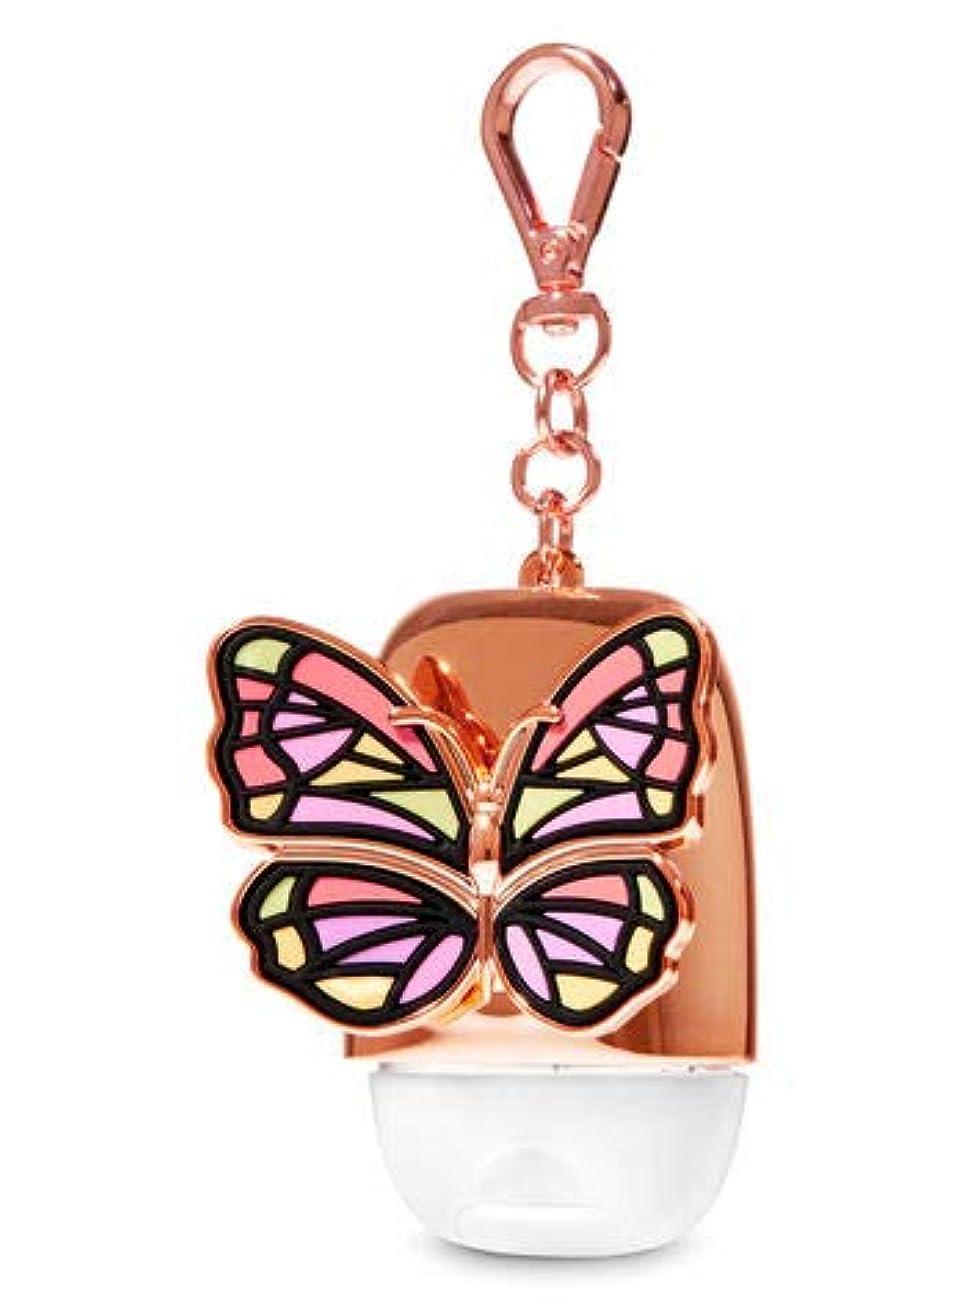 スロープ人工的なに話す【Bath&Body Works/バス&ボディワークス】 抗菌ハンドジェルホルダー ローズゴールドバタフライ Pocketbac Holder Rose Gold Butterfly [並行輸入品]